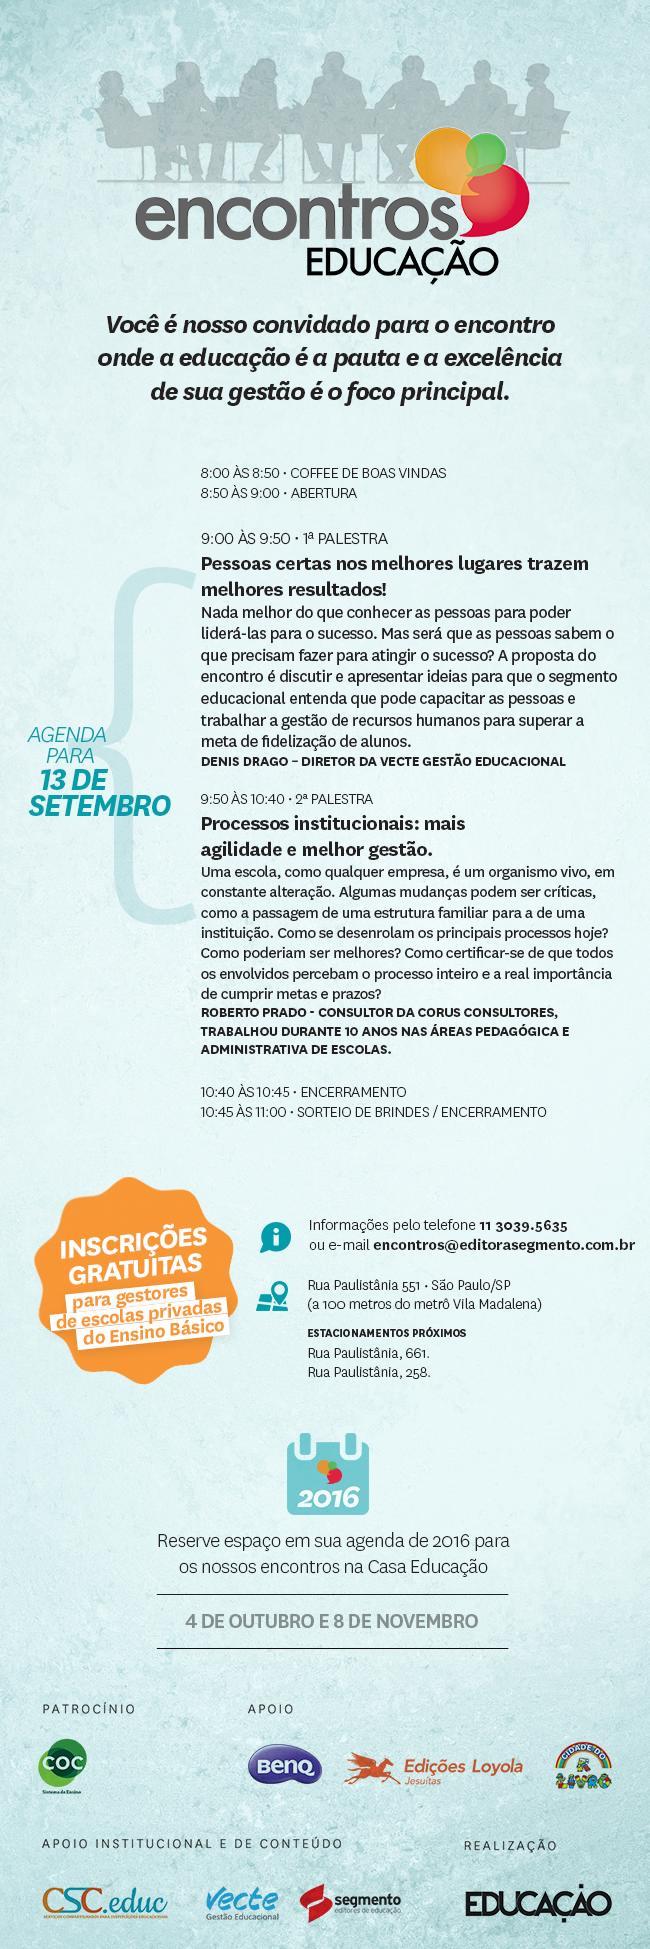 ENCONTROS EDUCAÇÃO – Processos institucionais: mais agilidade e melhor gestão.